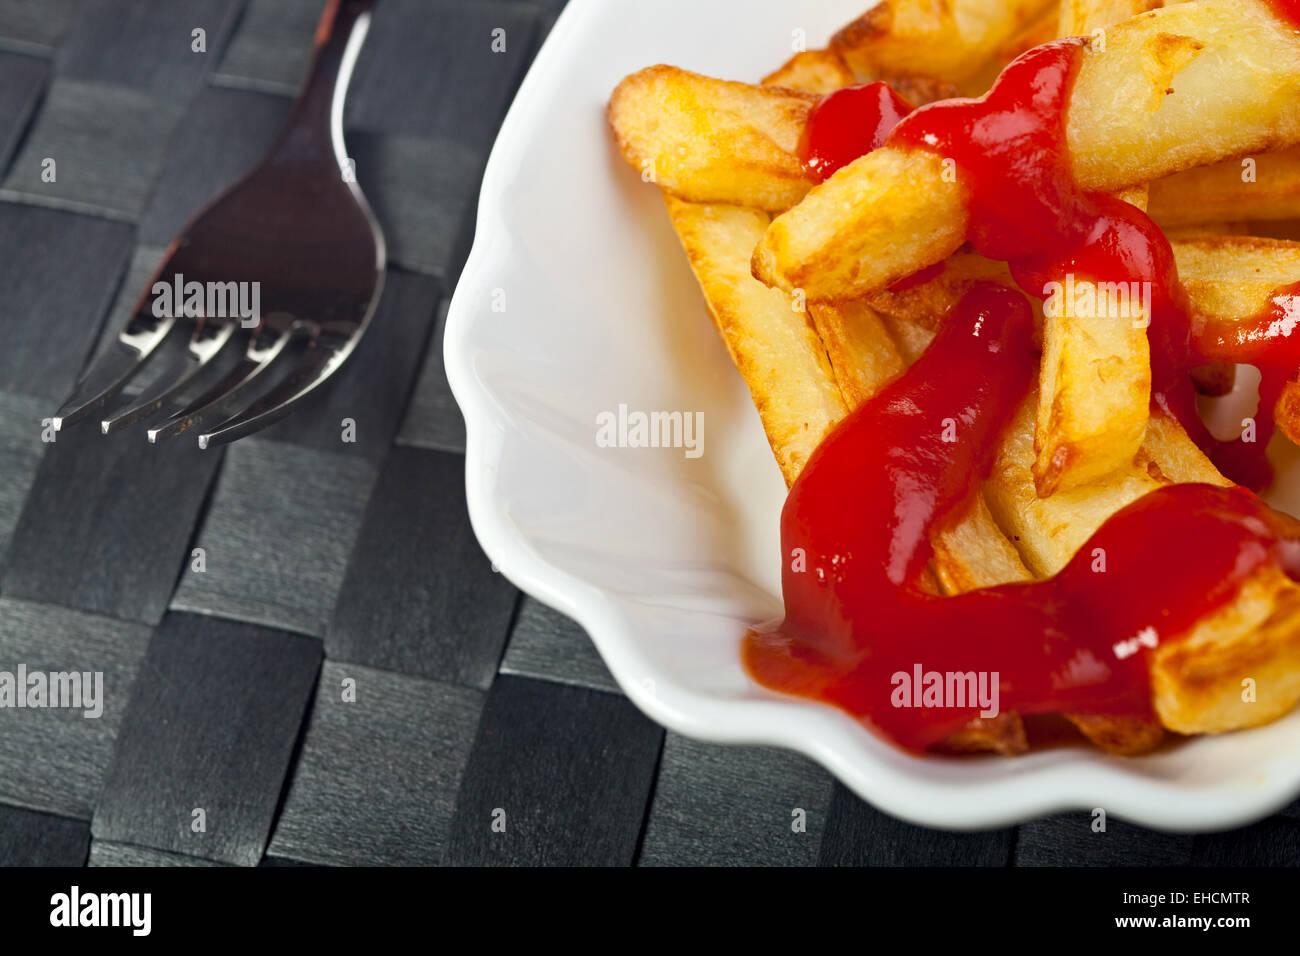 Les frites sur une plaque typique Photo Stock